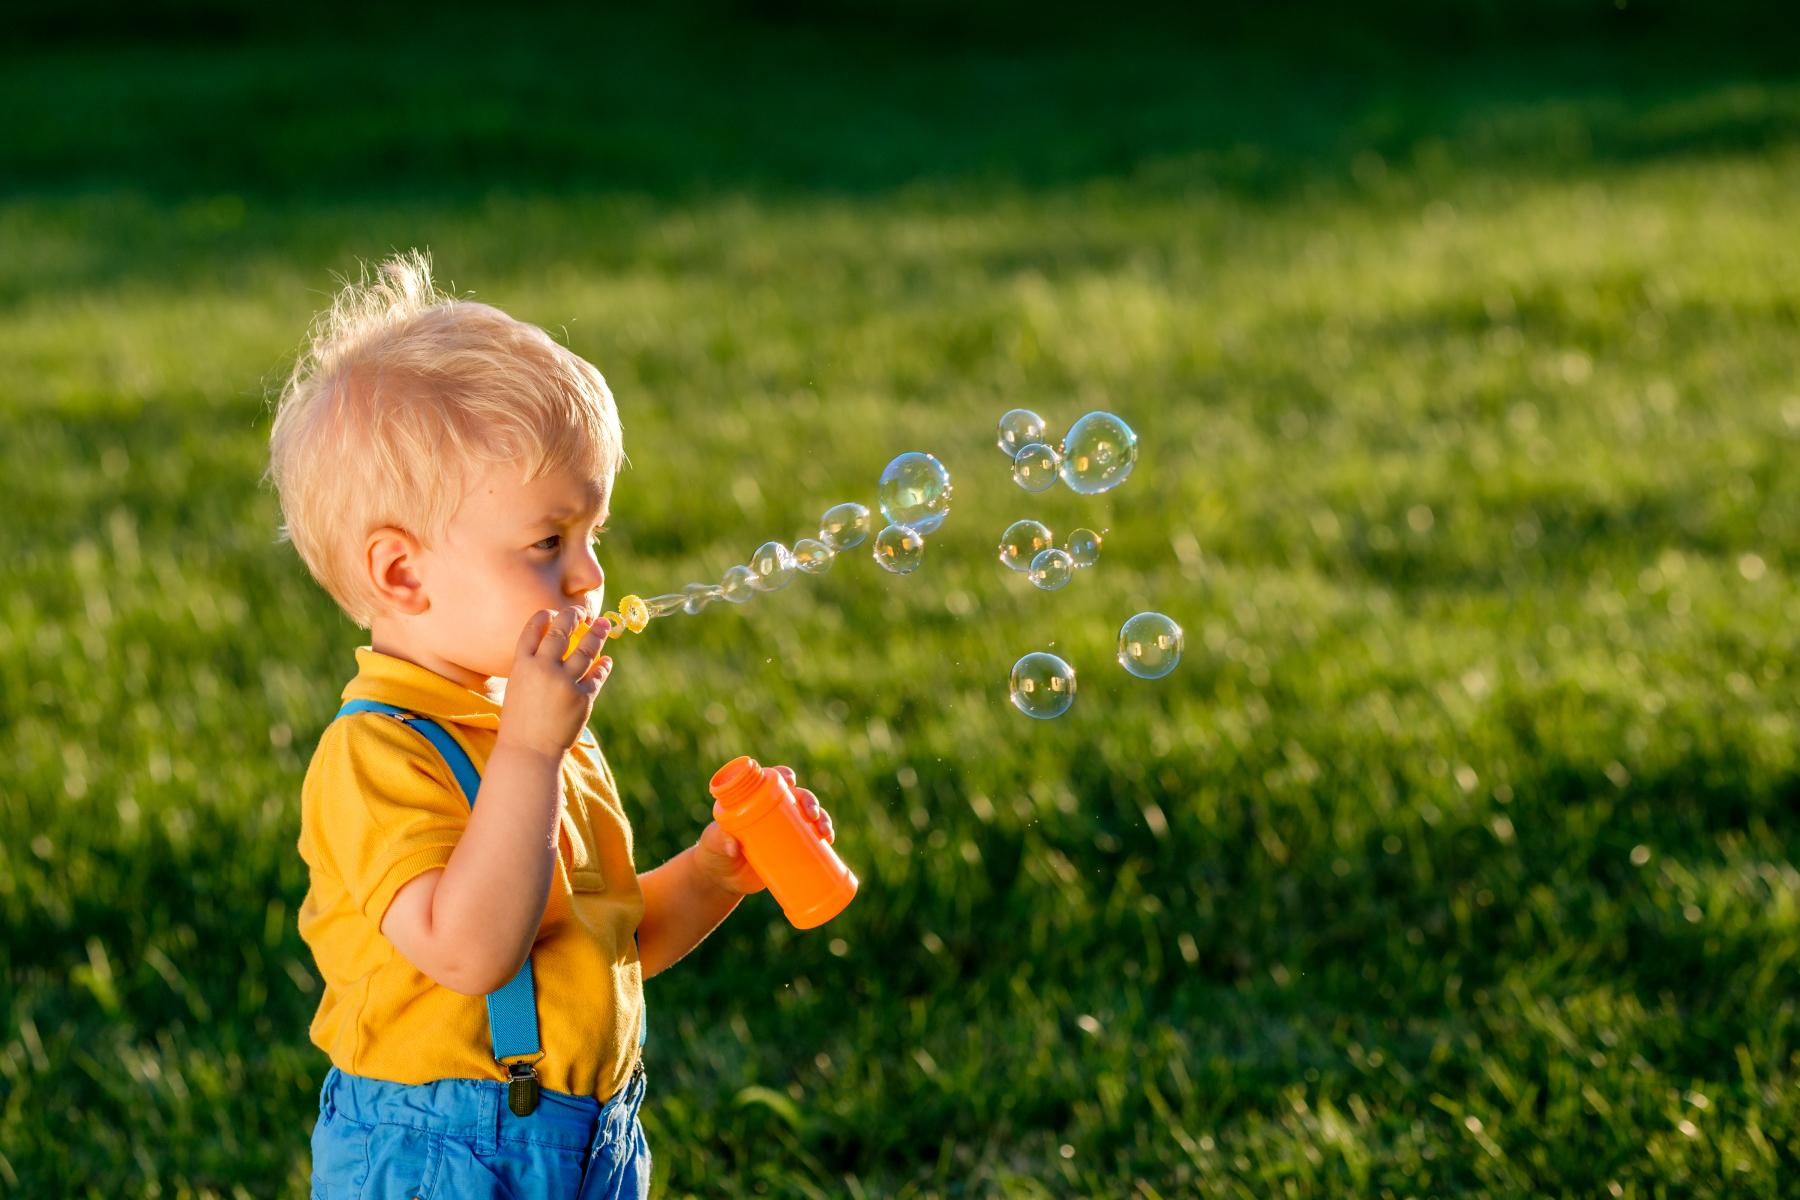 Gutt iført gul t-skjorte og blå bukse, som blåser såpebobler i en grønn eng